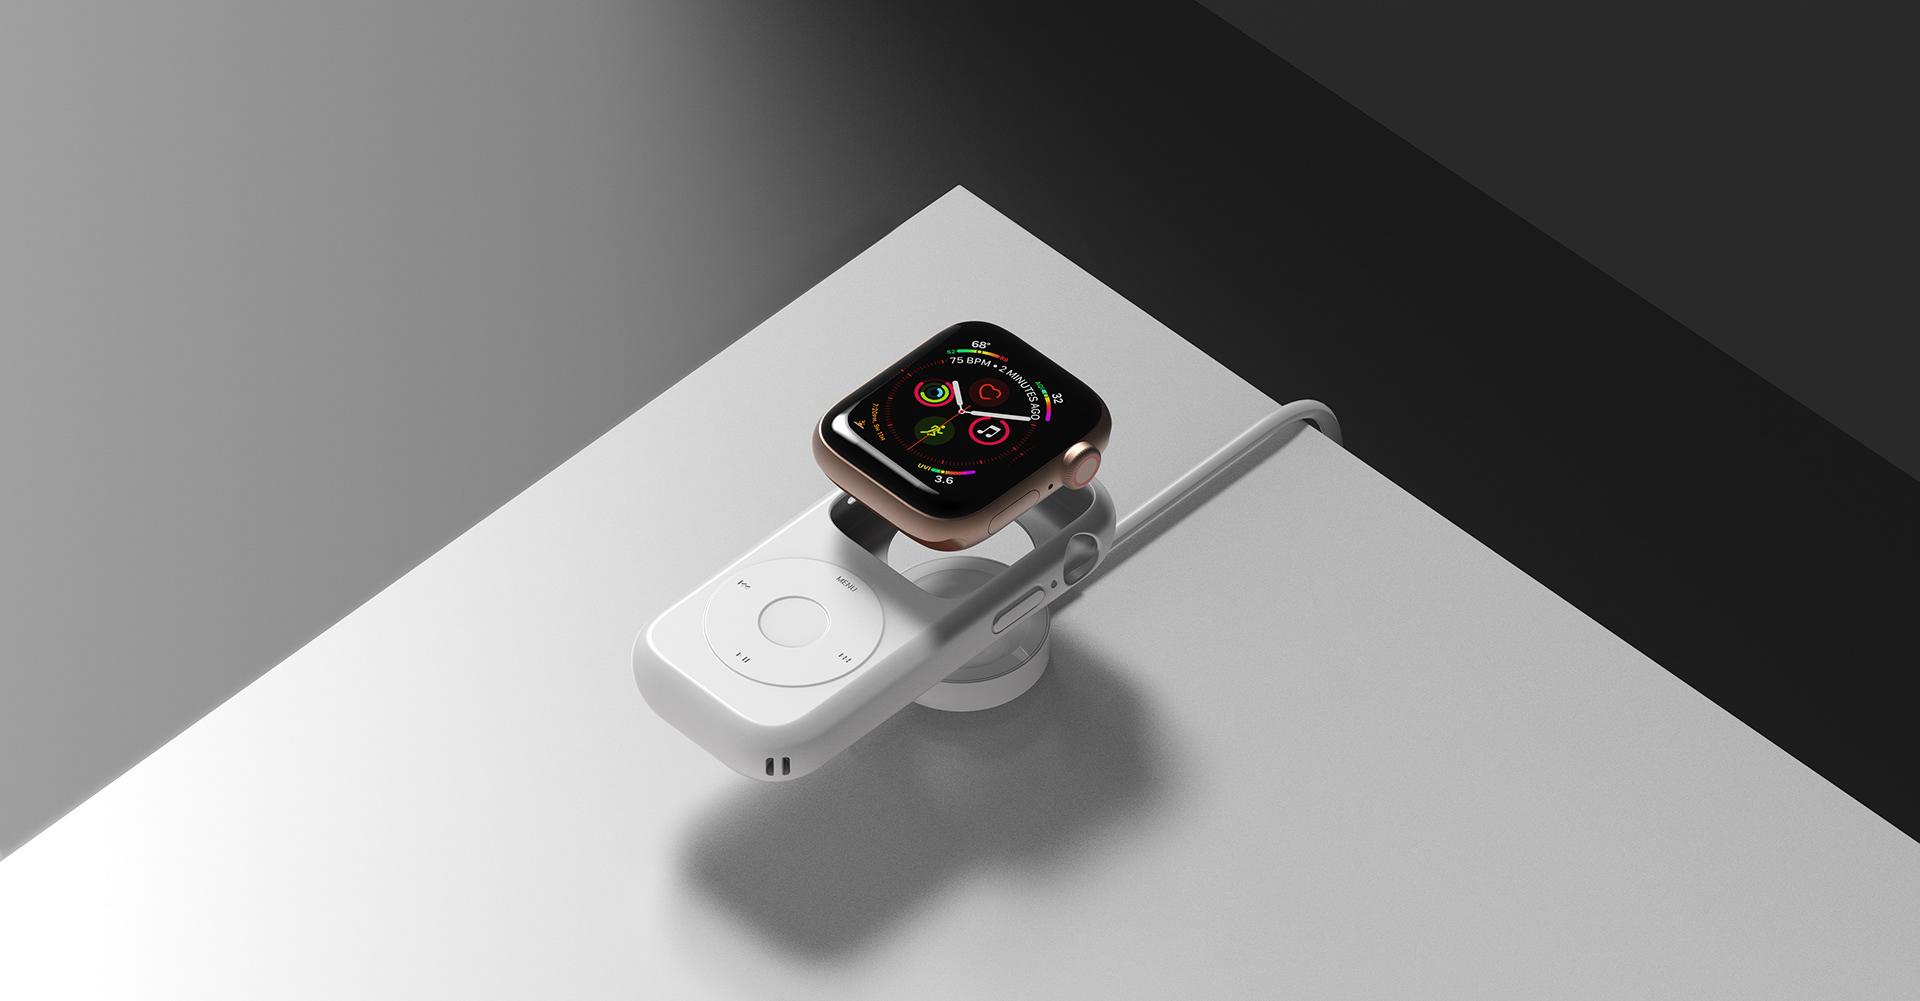 De Apple Watch ziet er ook als moderne iPod prachtig uit